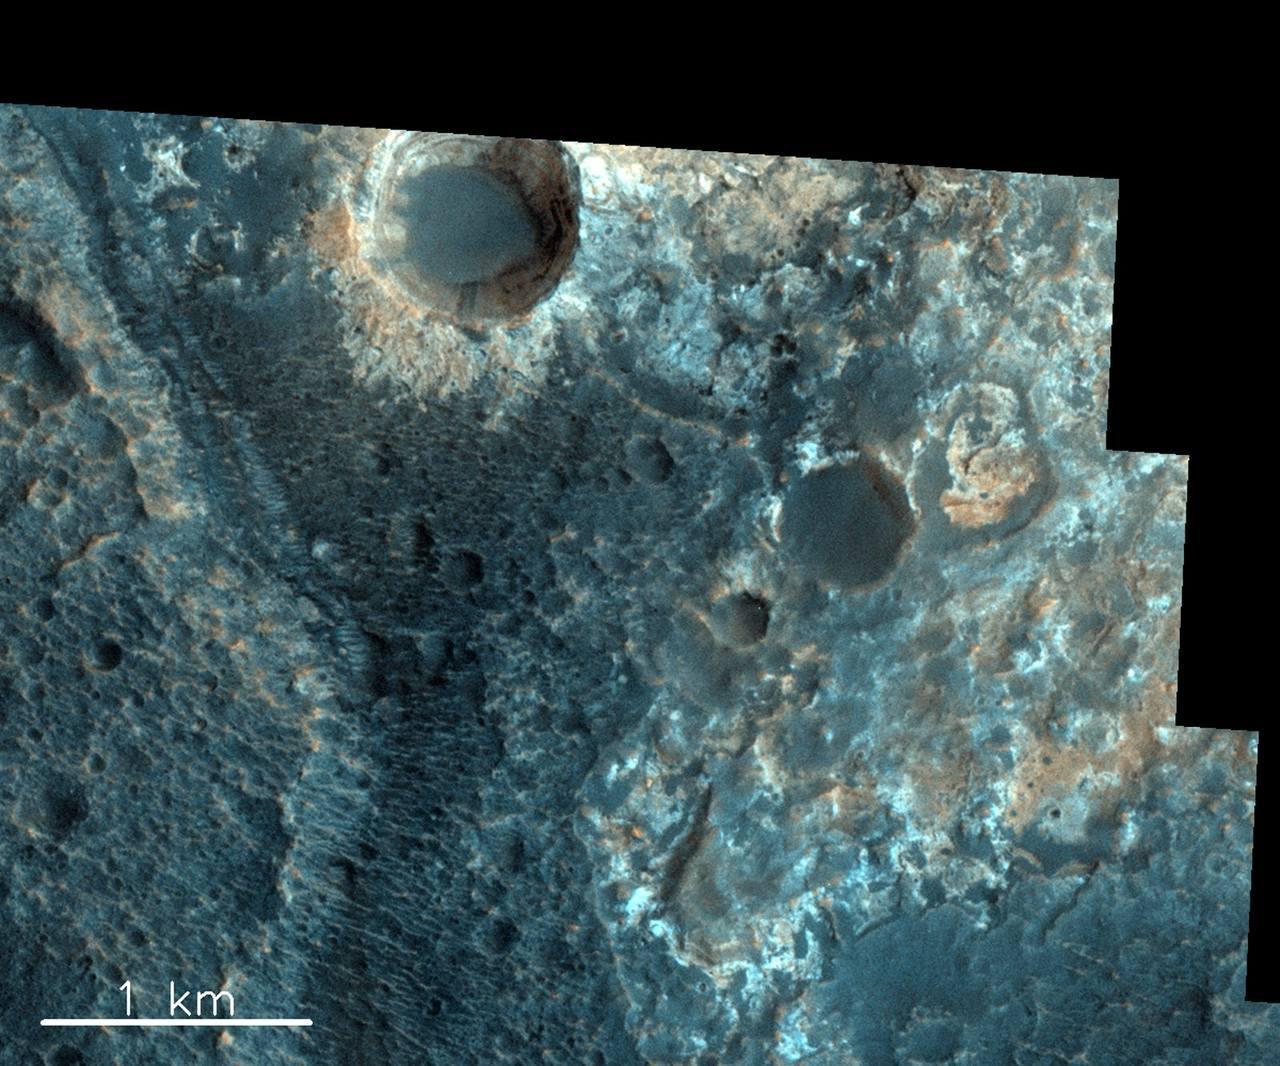 火星相片:歐洲太空局和俄羅斯太空局發布多張相片。圖為奧亞馬坑(Oyama Cra...